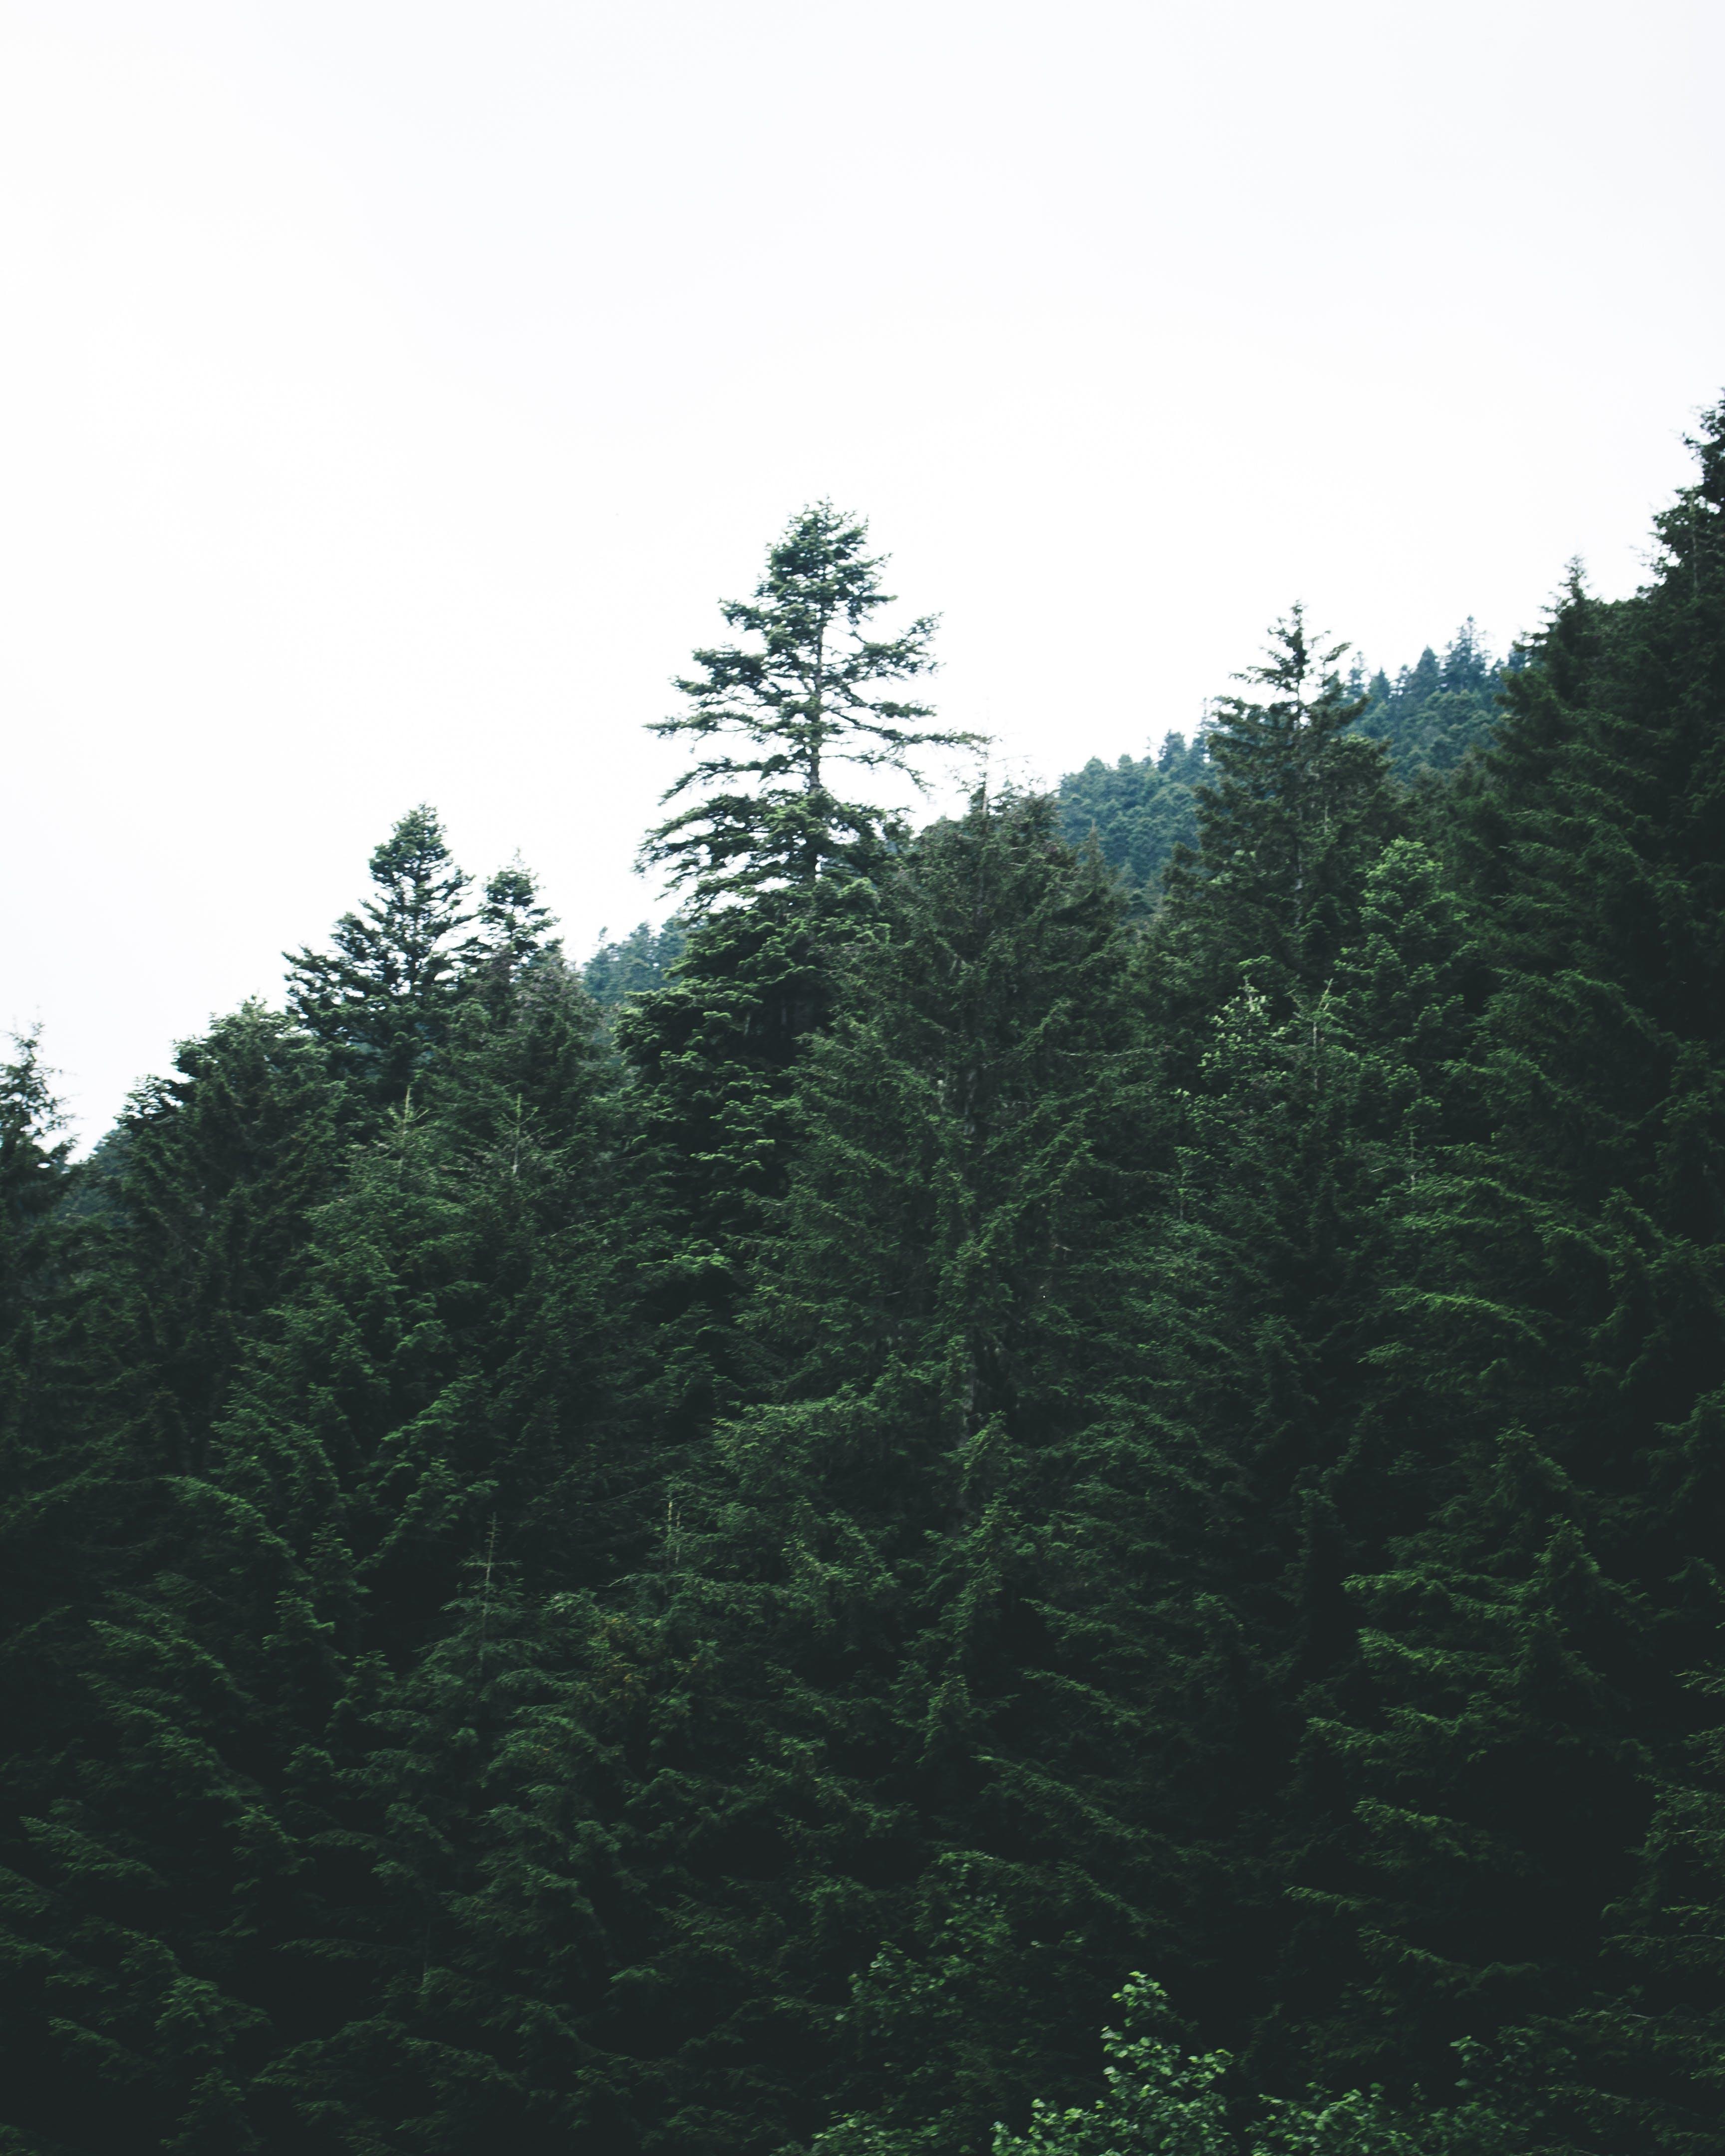 Ilmainen kuvapankkikuva tunnisteilla luonto, metsä, puut, ulkona